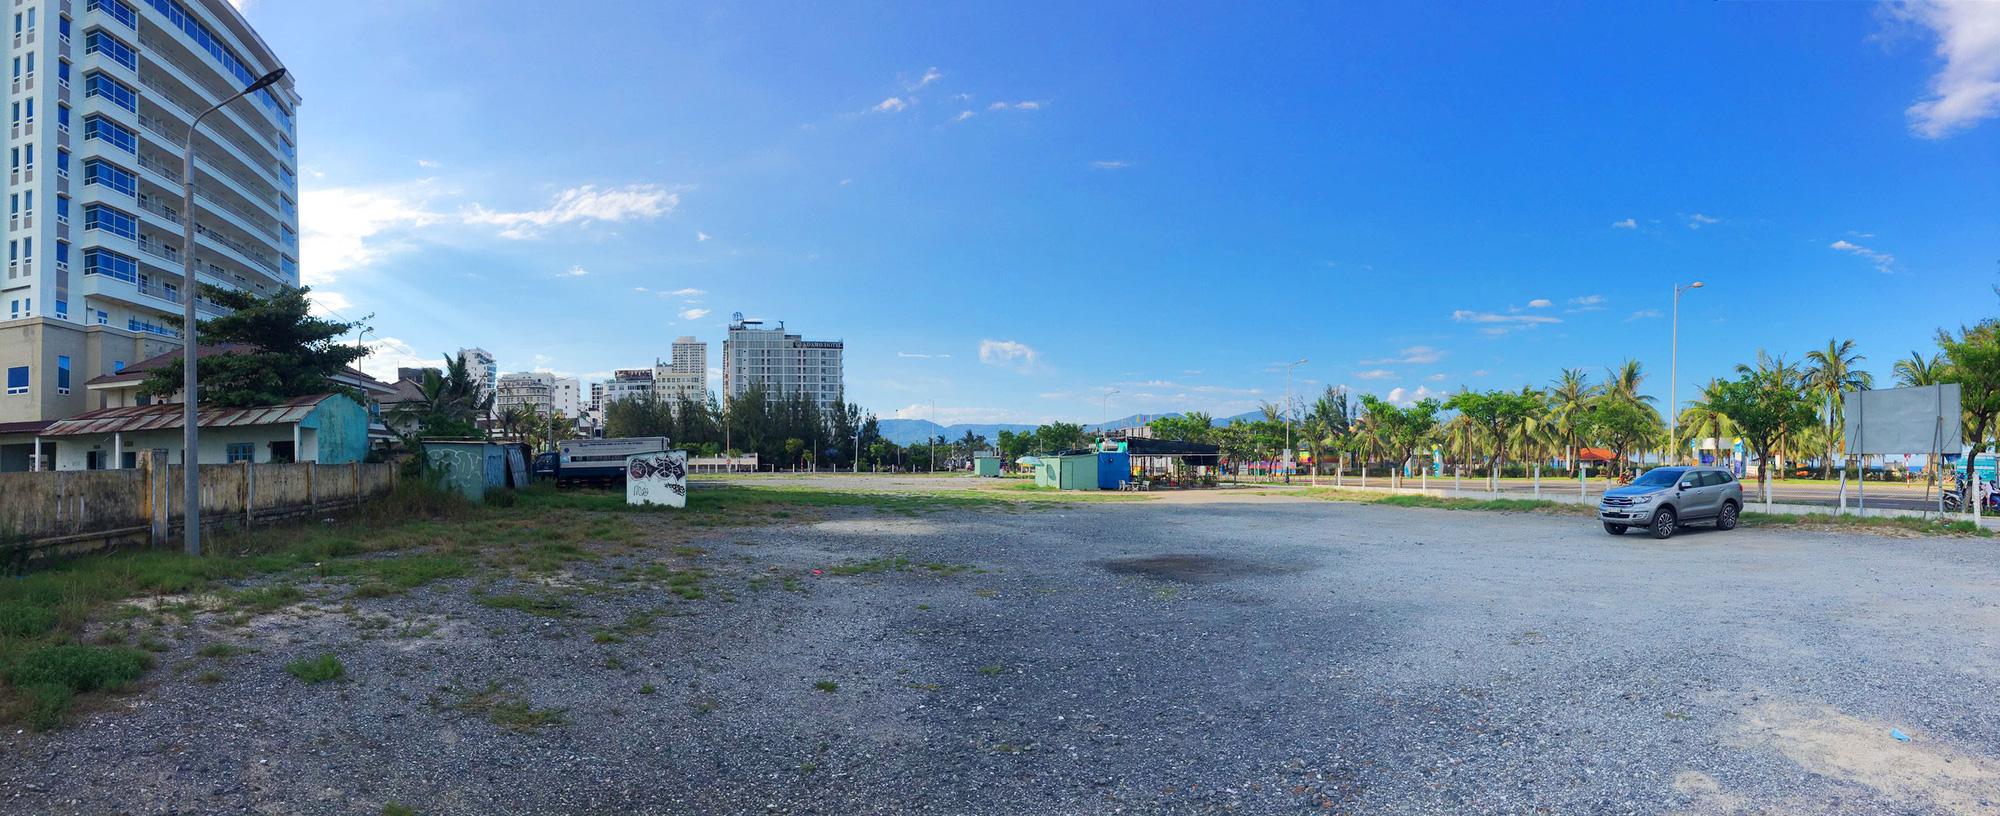 Cận cảnh hai khu đất sát bãi biển Mỹ Khê đẹp nhất Đà Nẵng sẽ đấu giá làm bãi đỗ xe - Ảnh 7.